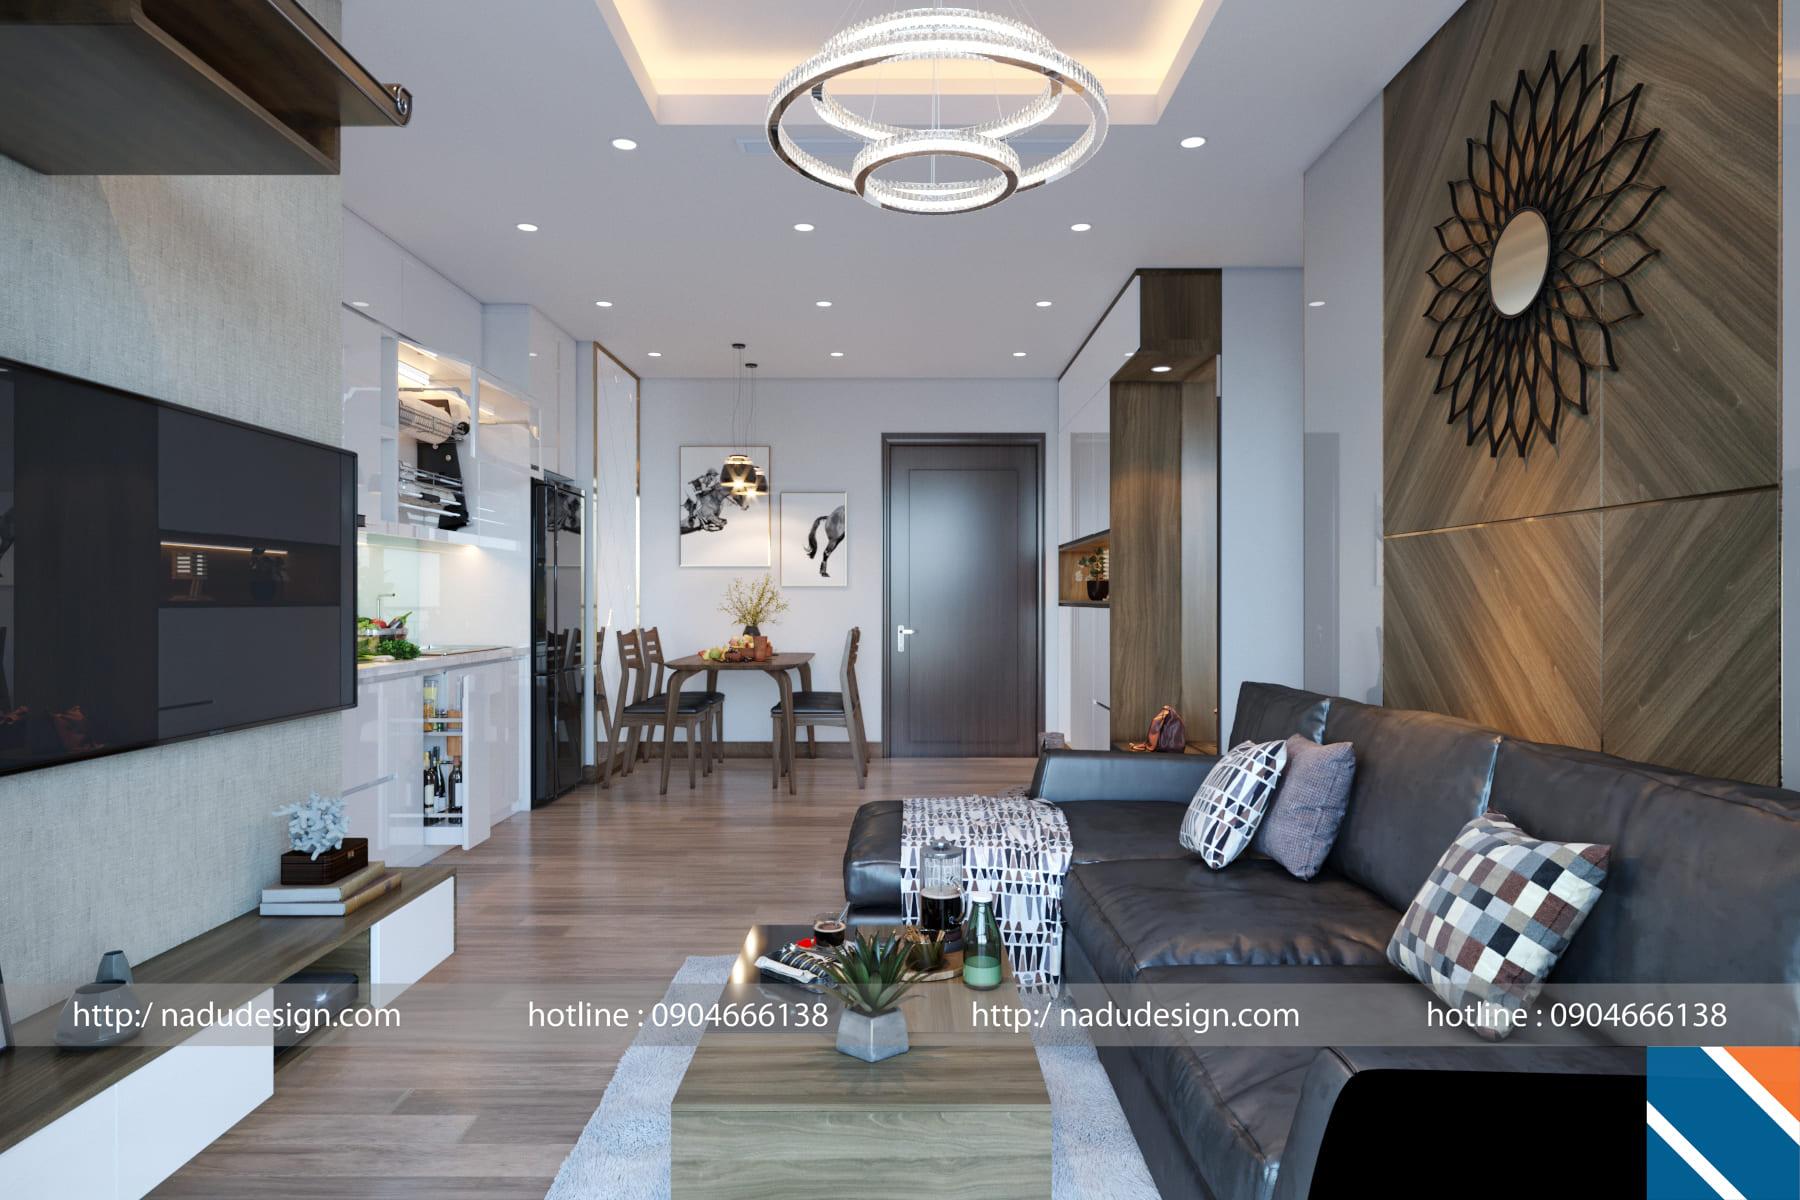 Mẫu thiết kế nội thất chung cư 3 phòng ngủ NADU Design (ảnh 2)